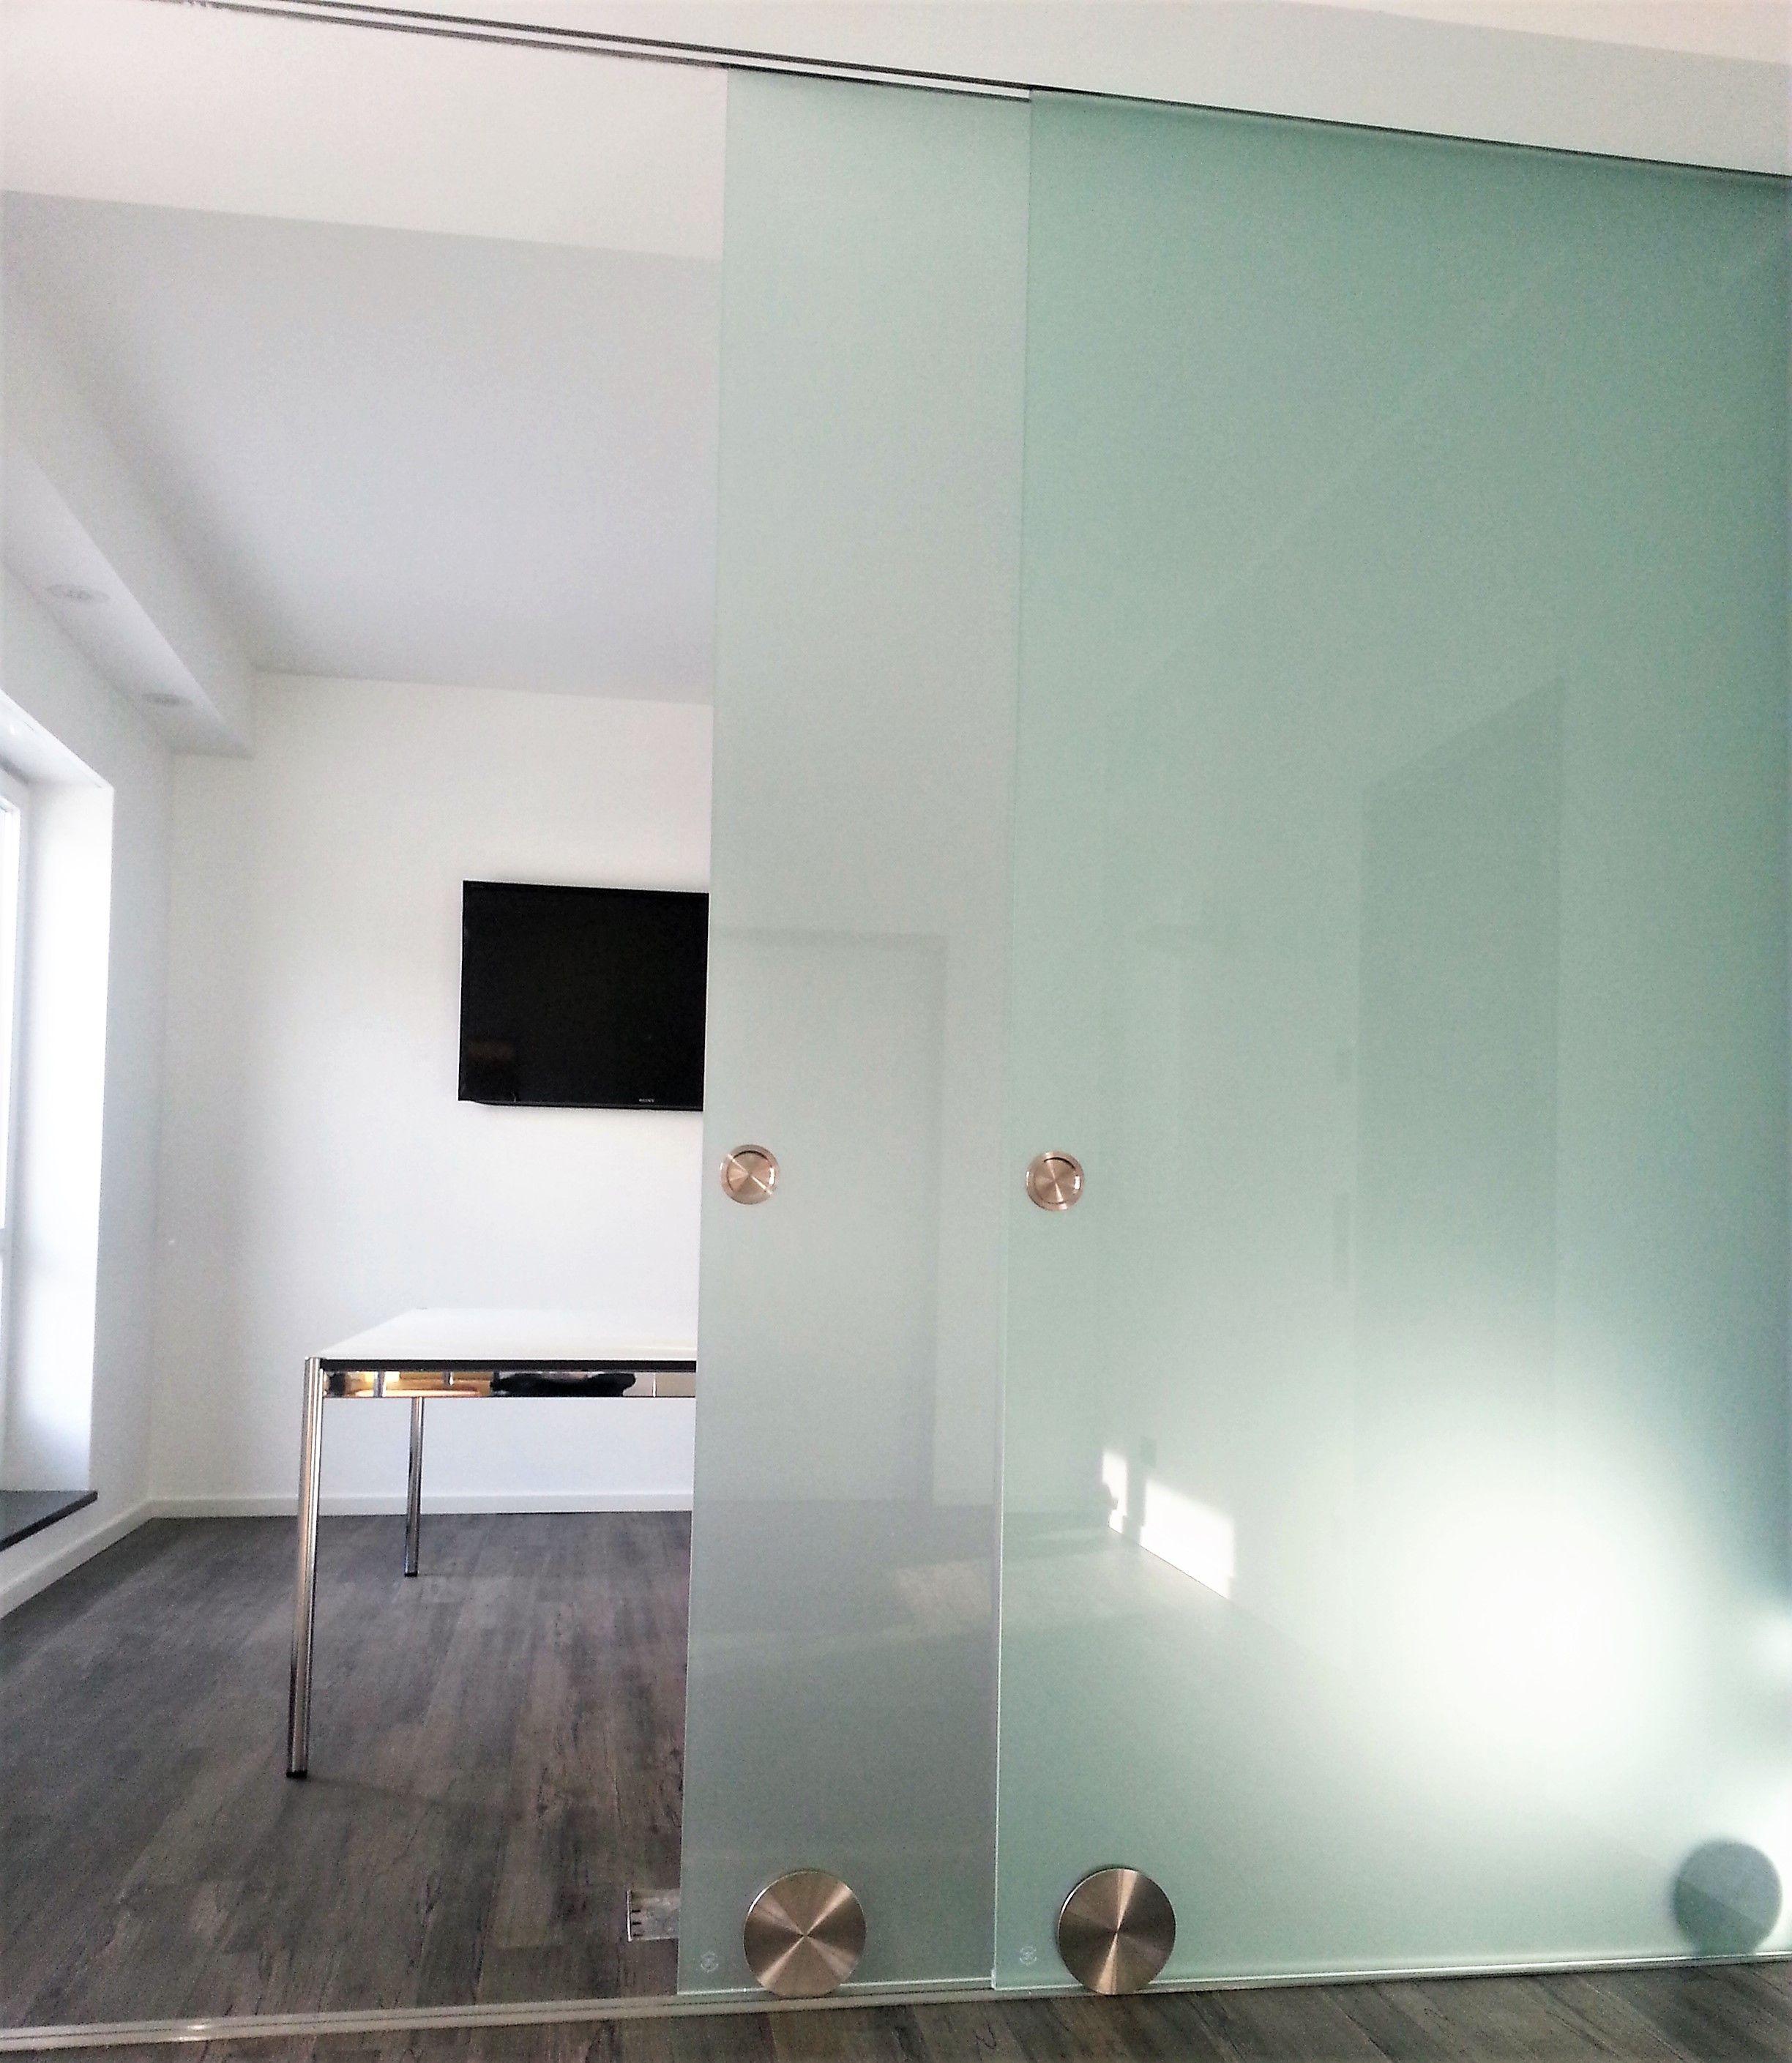 Glasschiebetur Designideen Aus Glas In 2019 Glasschiebetur Schiebe Tur Und Acrylglas